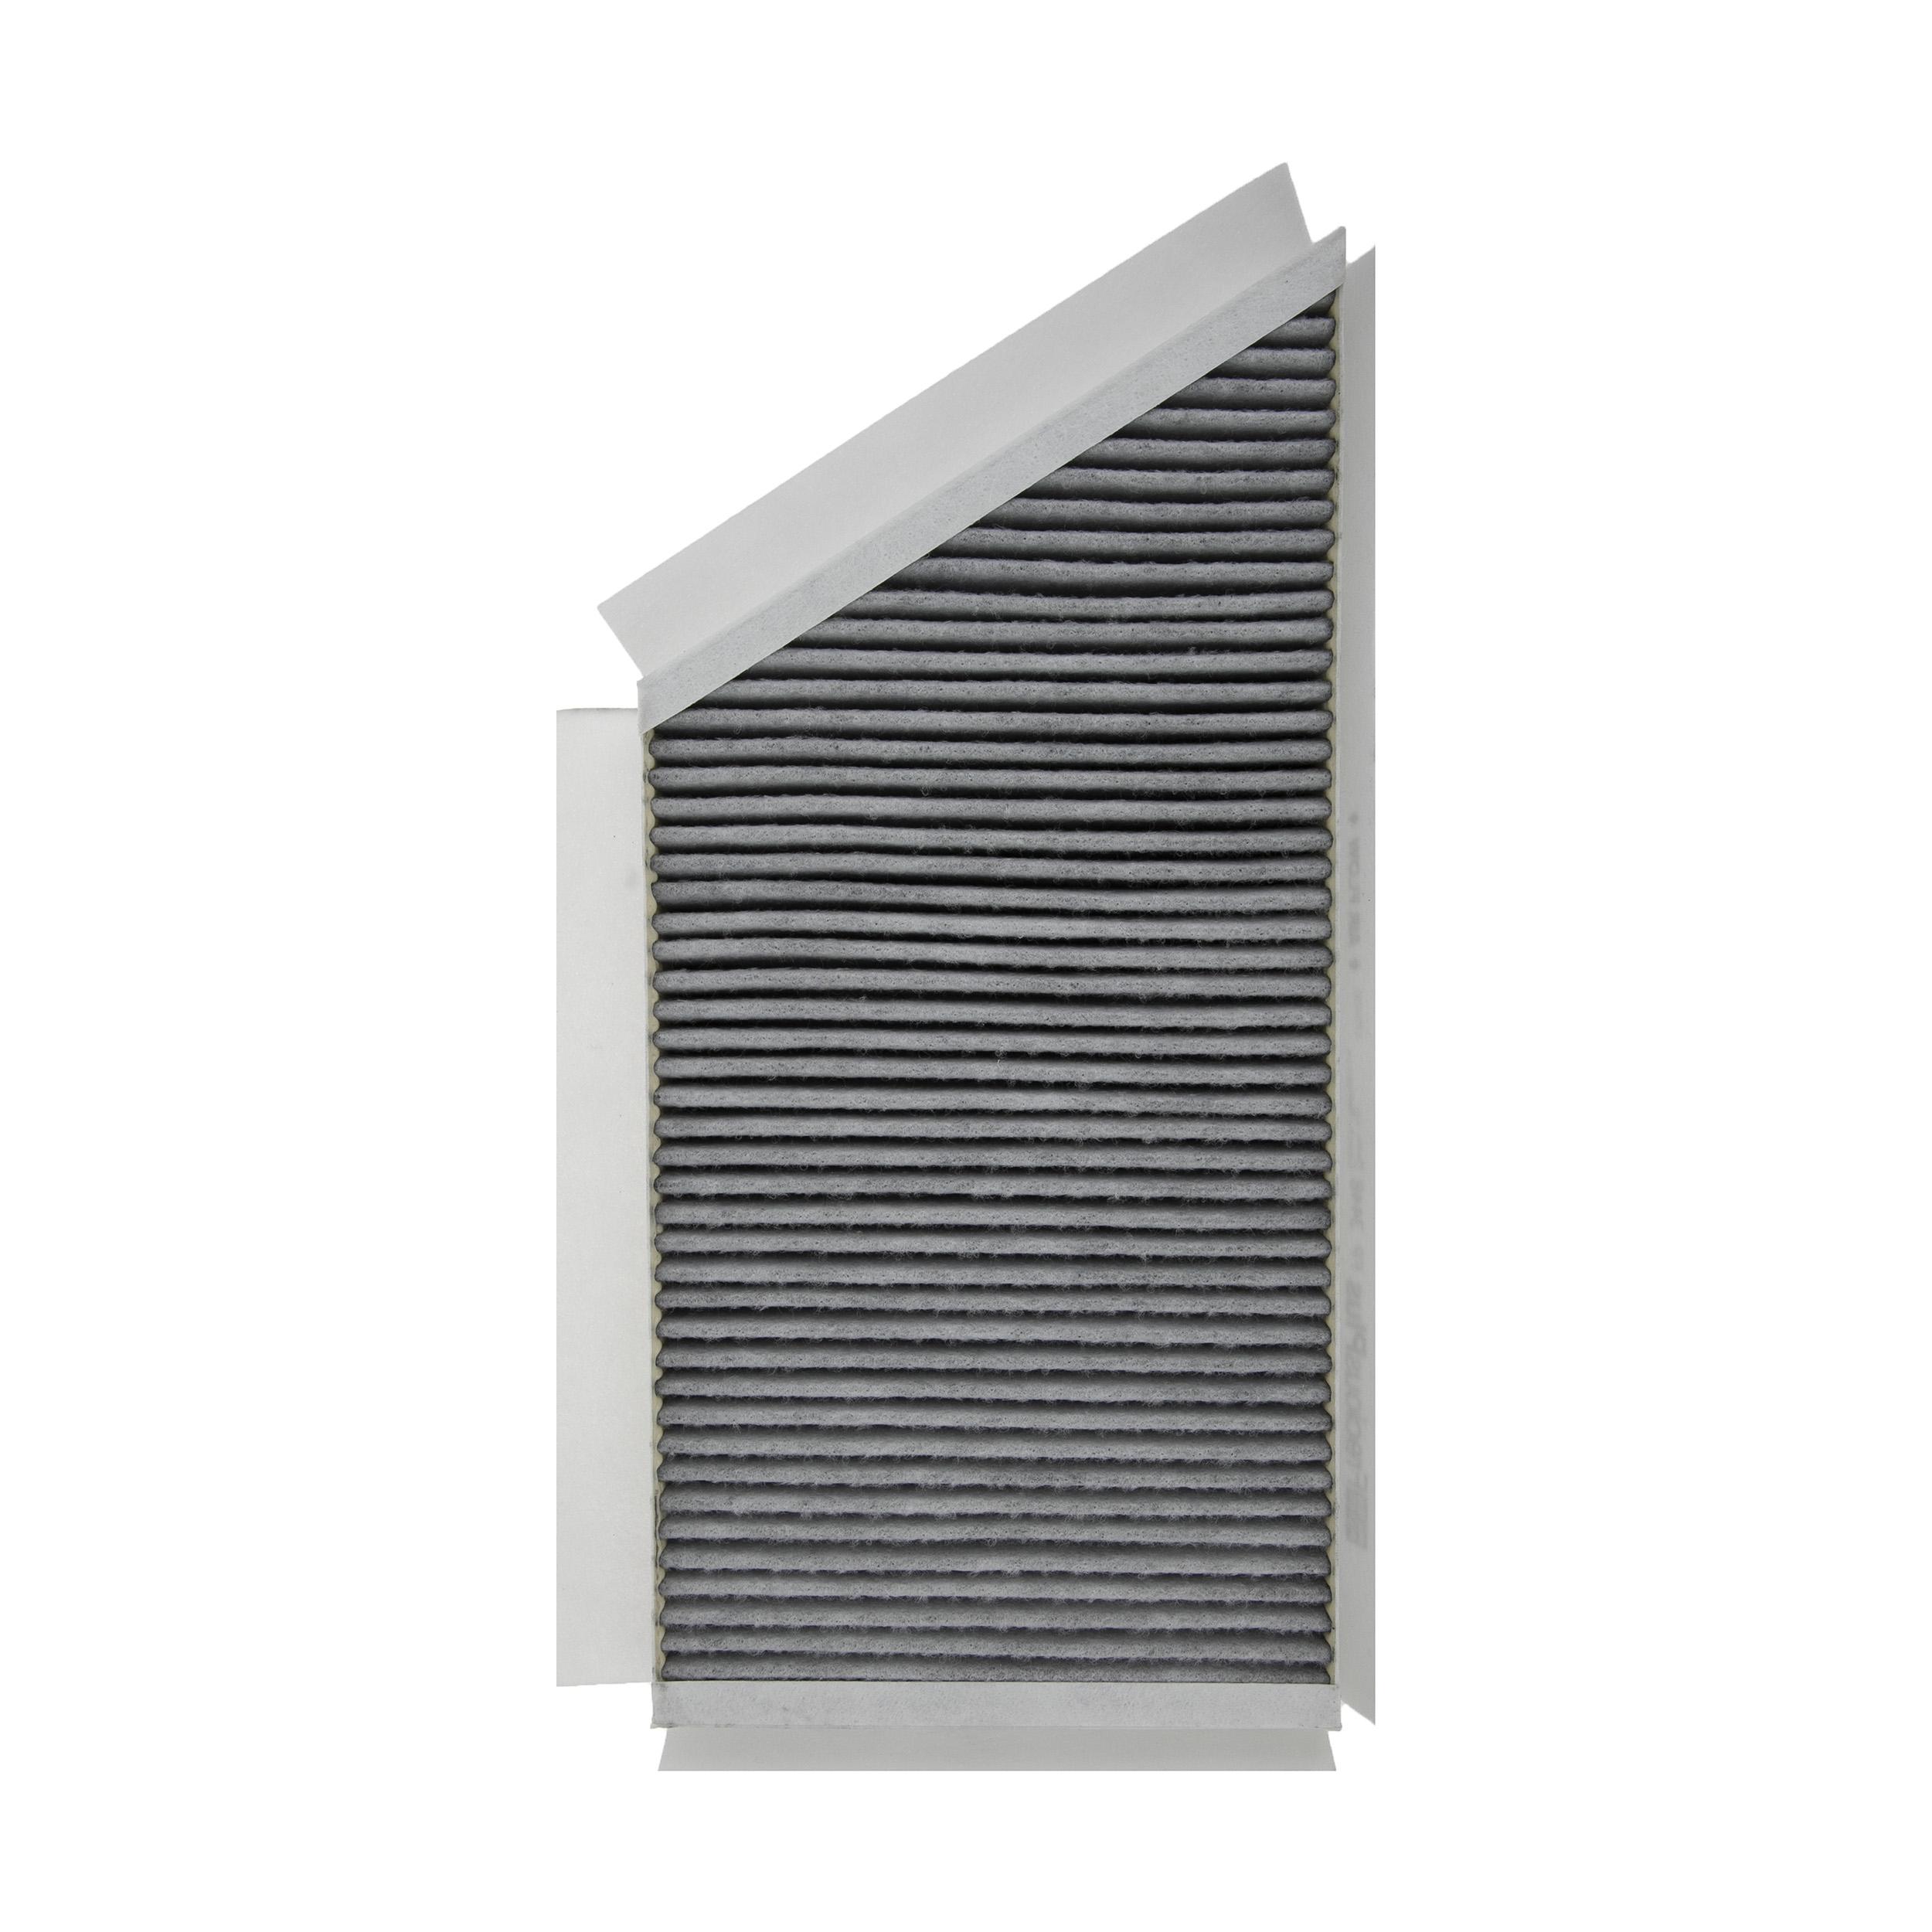 فیلتر کابین مان فیلتر مدل FP3448 مناسب برای پژو 206